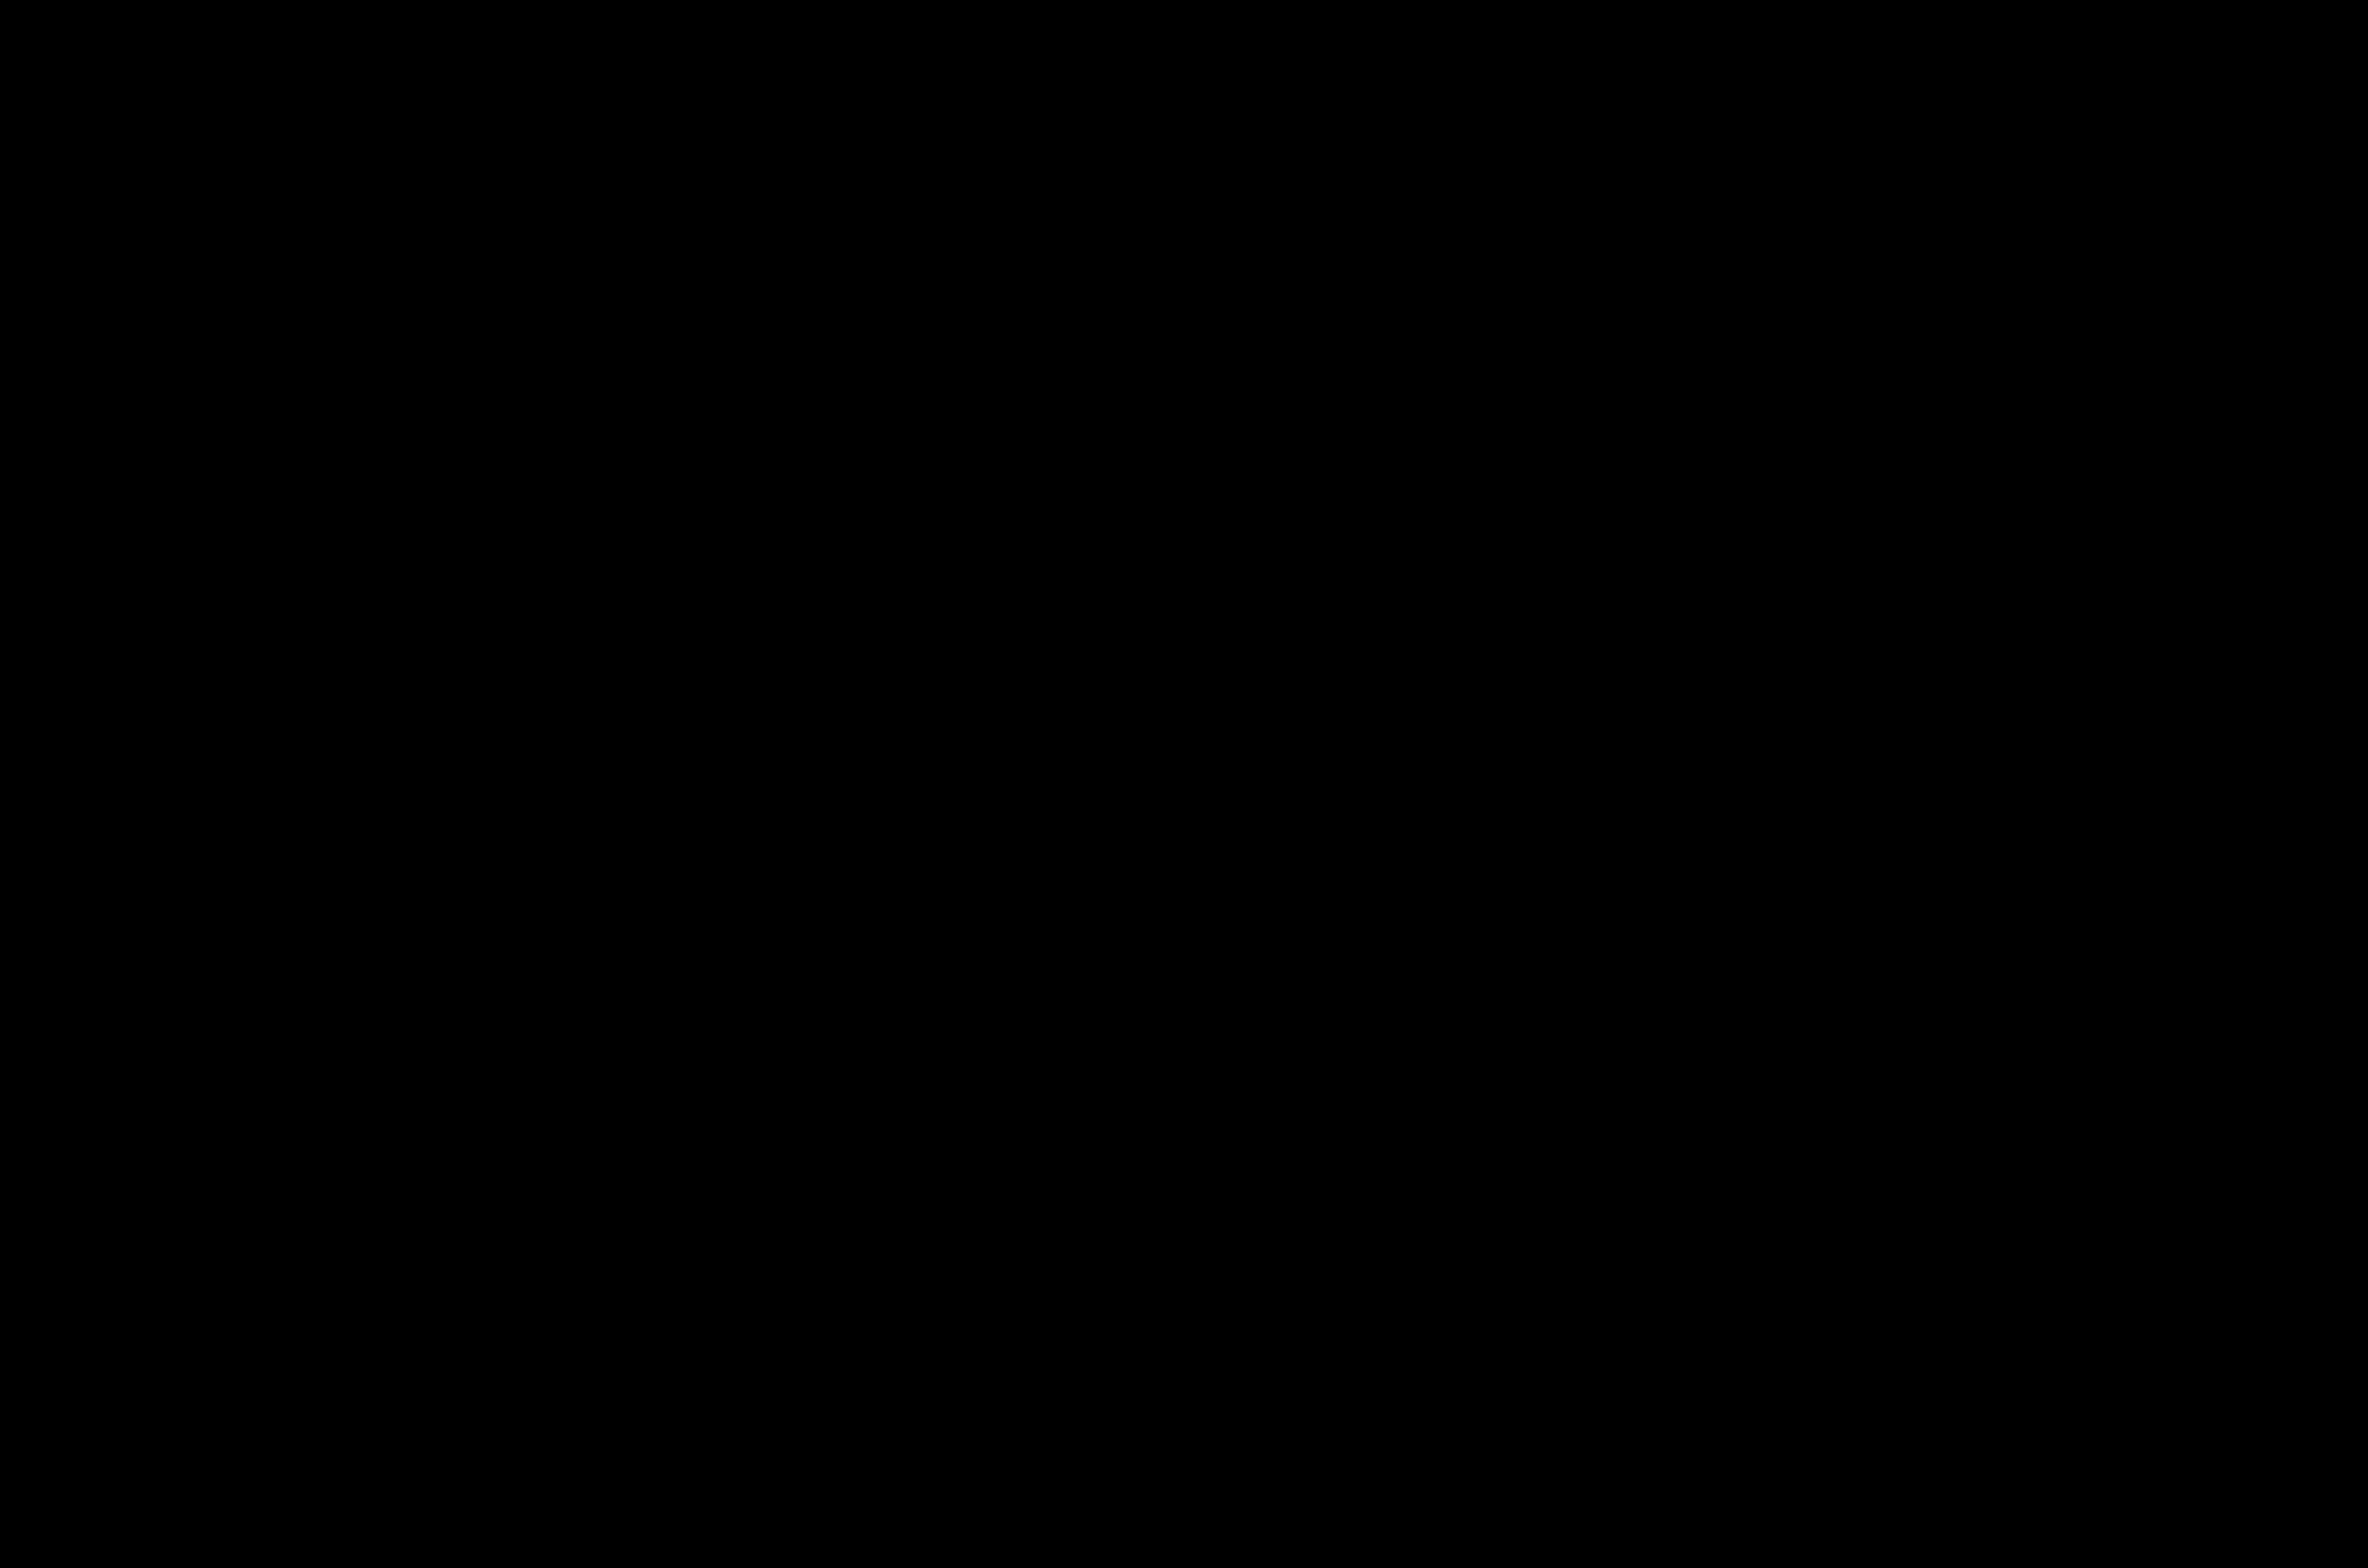 Le marché de Chatuchak